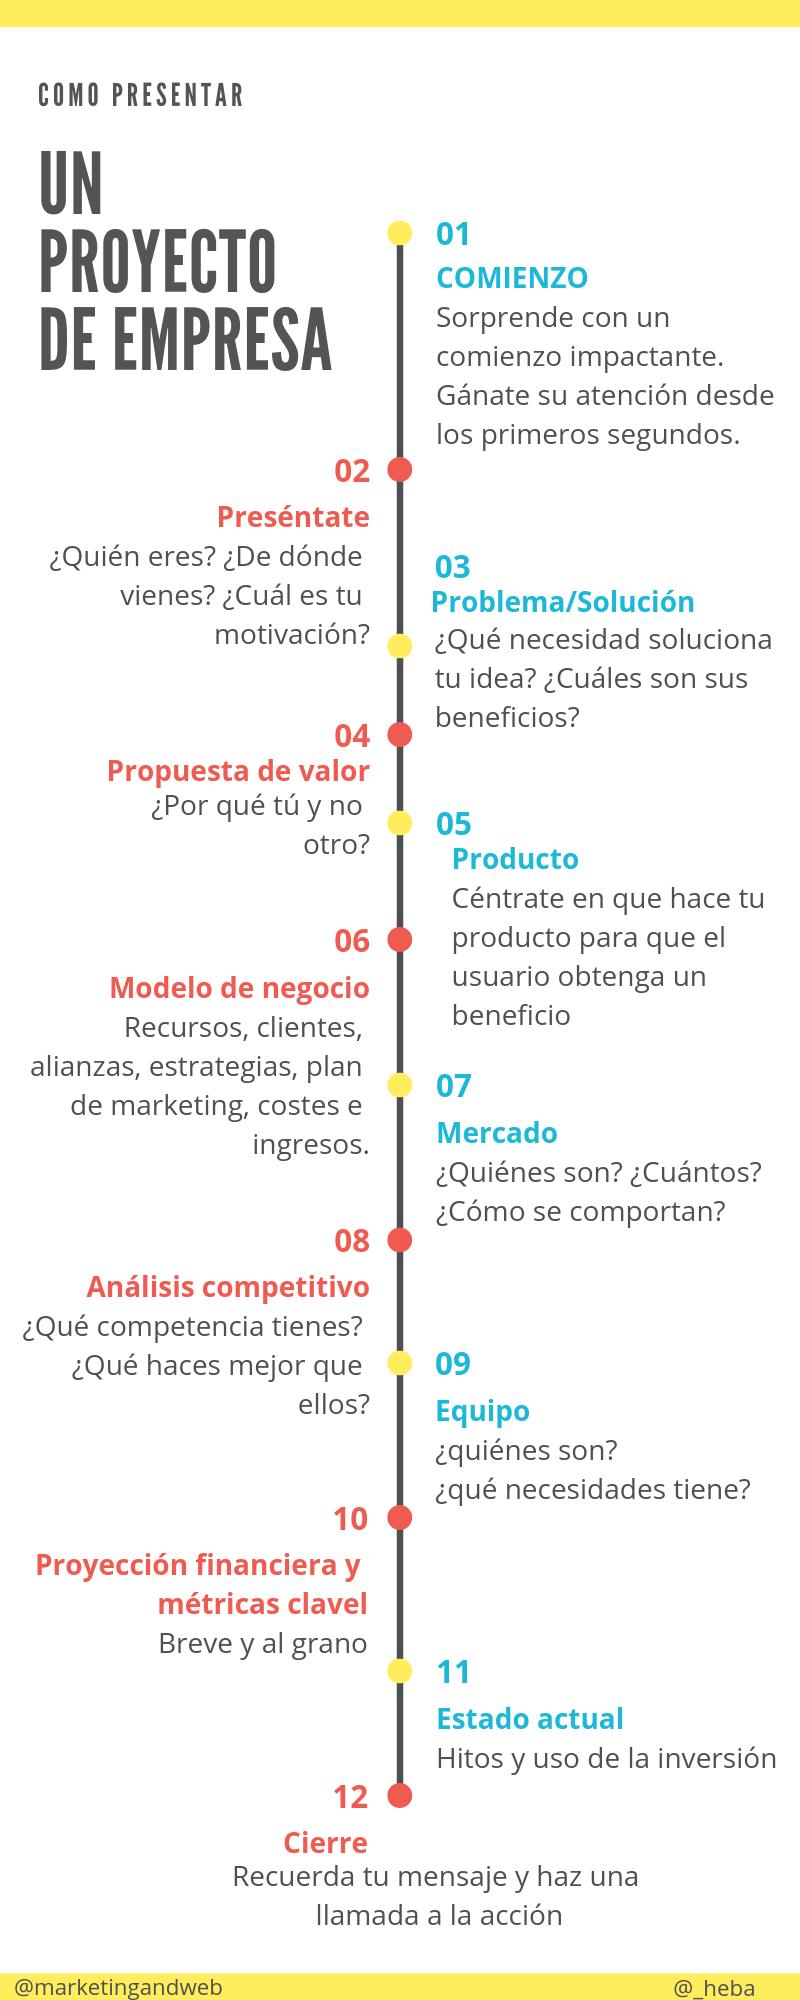 Cómo presentar un proyecto de empresa